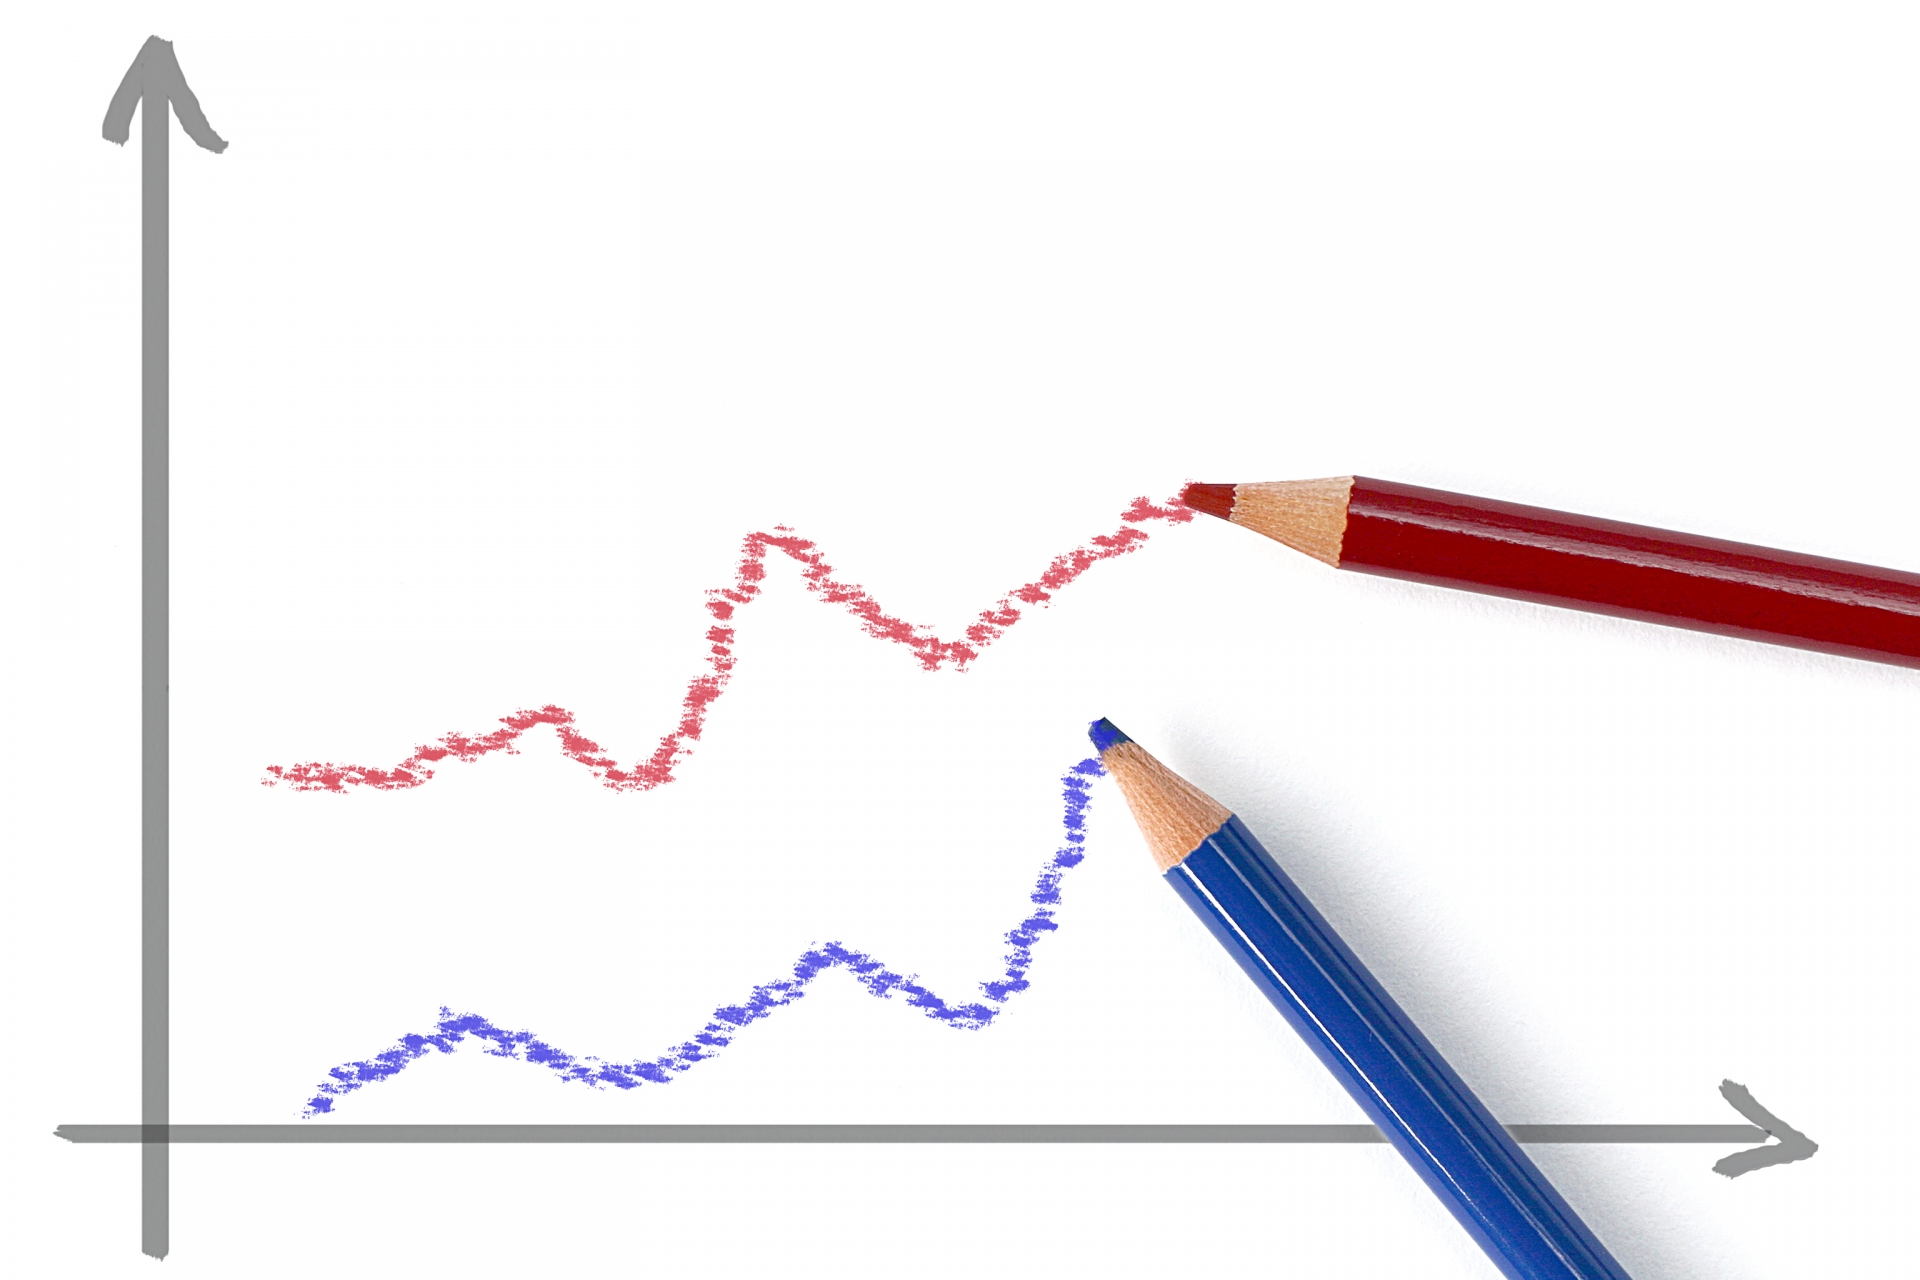 老後の資金は投資で貯めよう!【投資の種類やリスクをお伝えします】